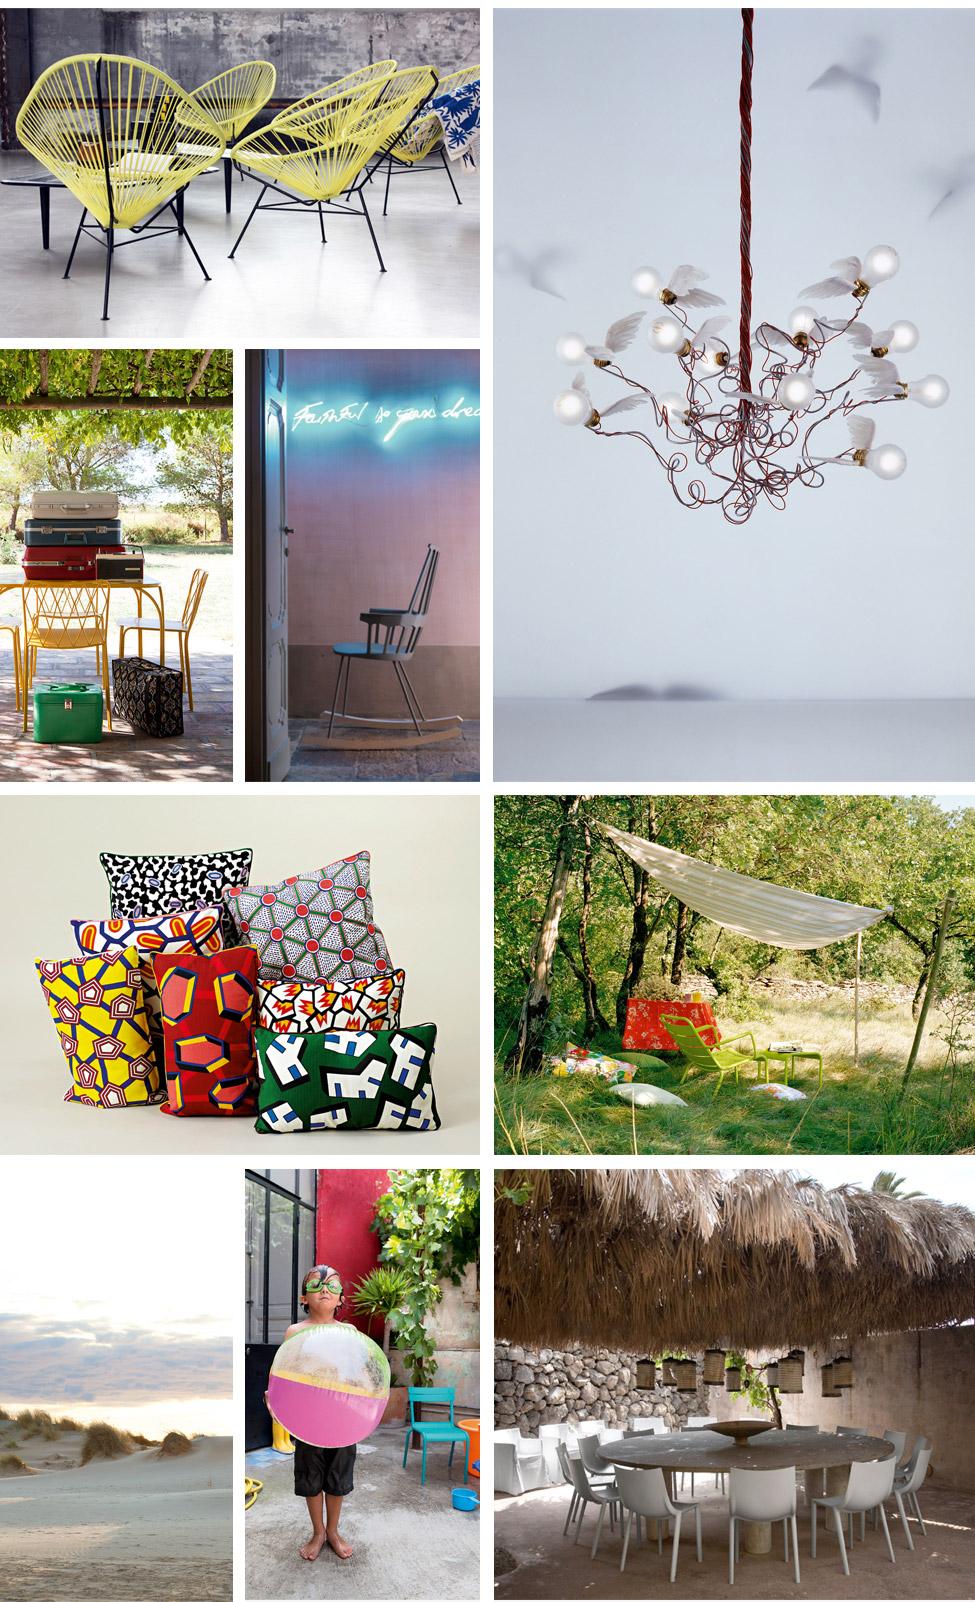 Arredamento moderno lampade design e oggetti design per casa e giardino made in design - Fermob luxembourg saldi ...